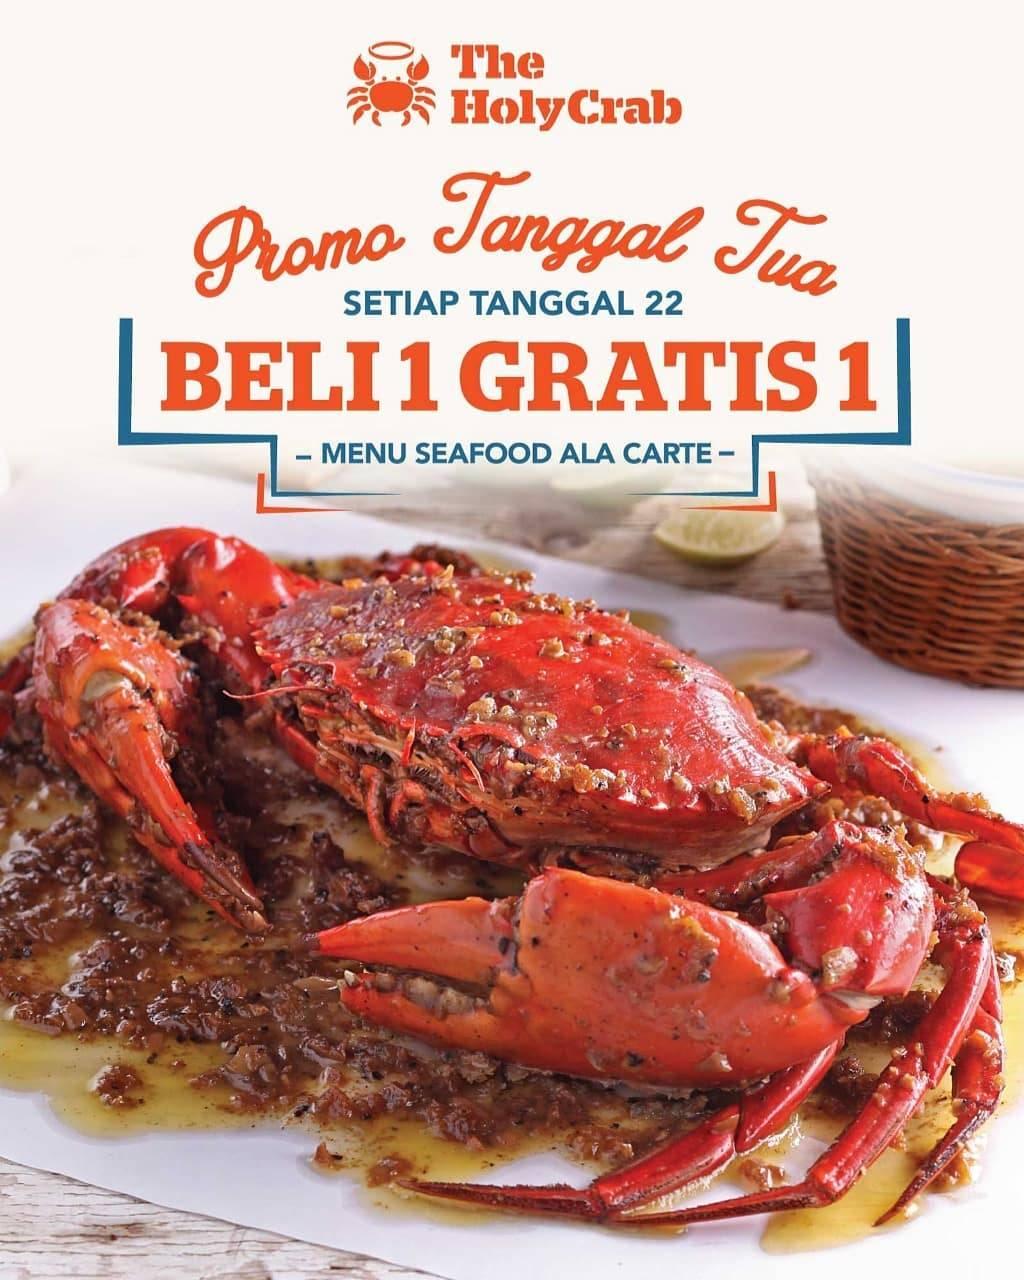 The Holy Crab Beli 1 Gratis 1 Untuk Semua Seafood lokal Ala Carte